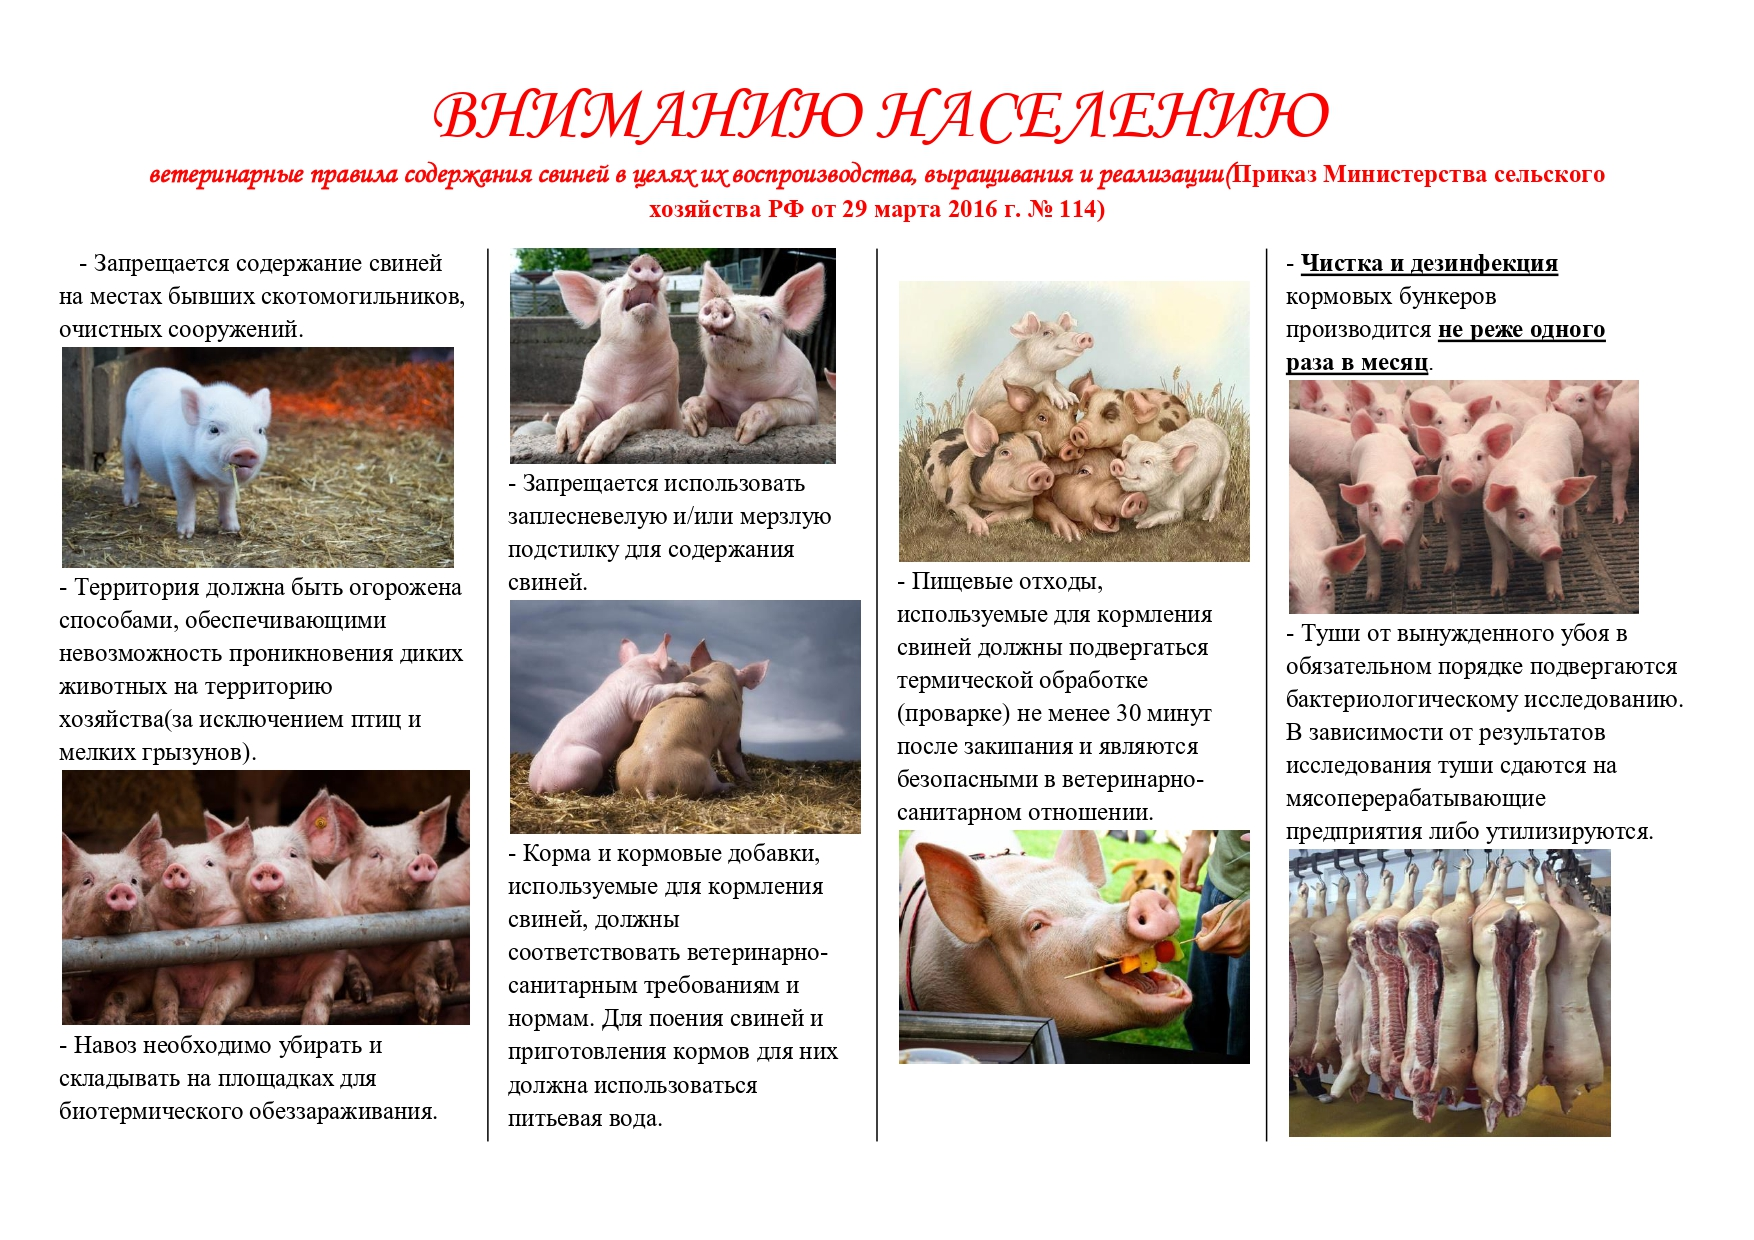 Санитарно-ветеринарные требования содержания птицы в частных крестьянских хозяйствах